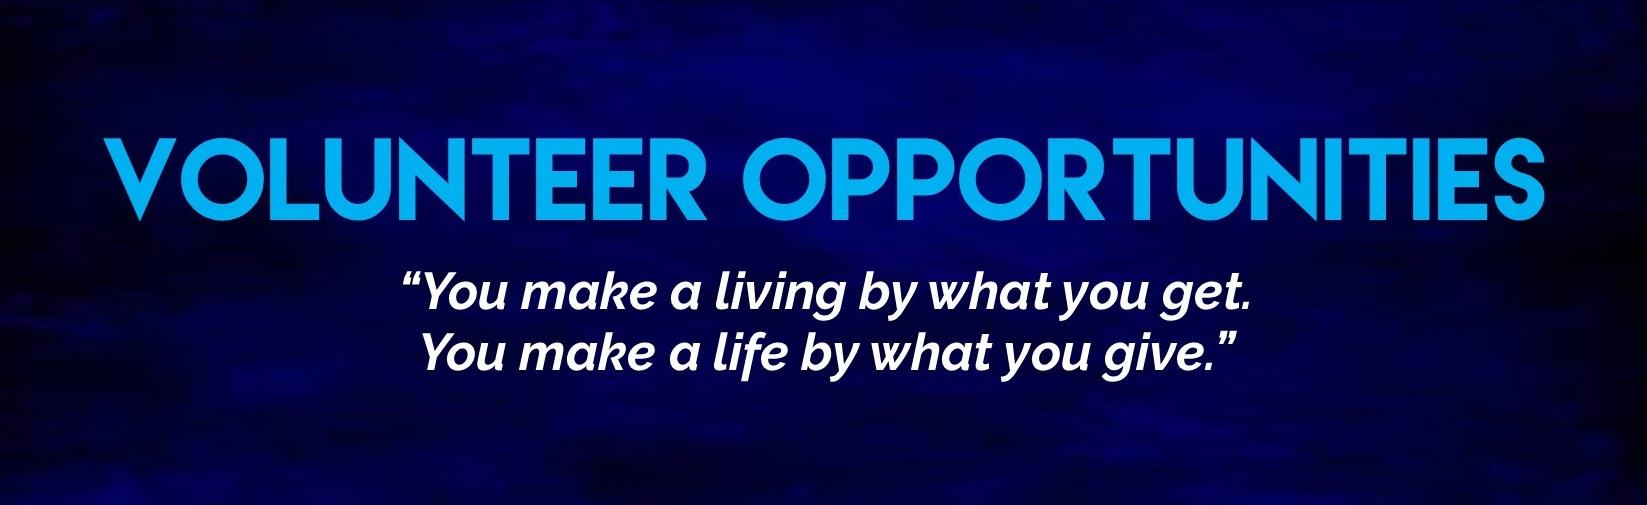 Volunteer-Opportunities.jpg